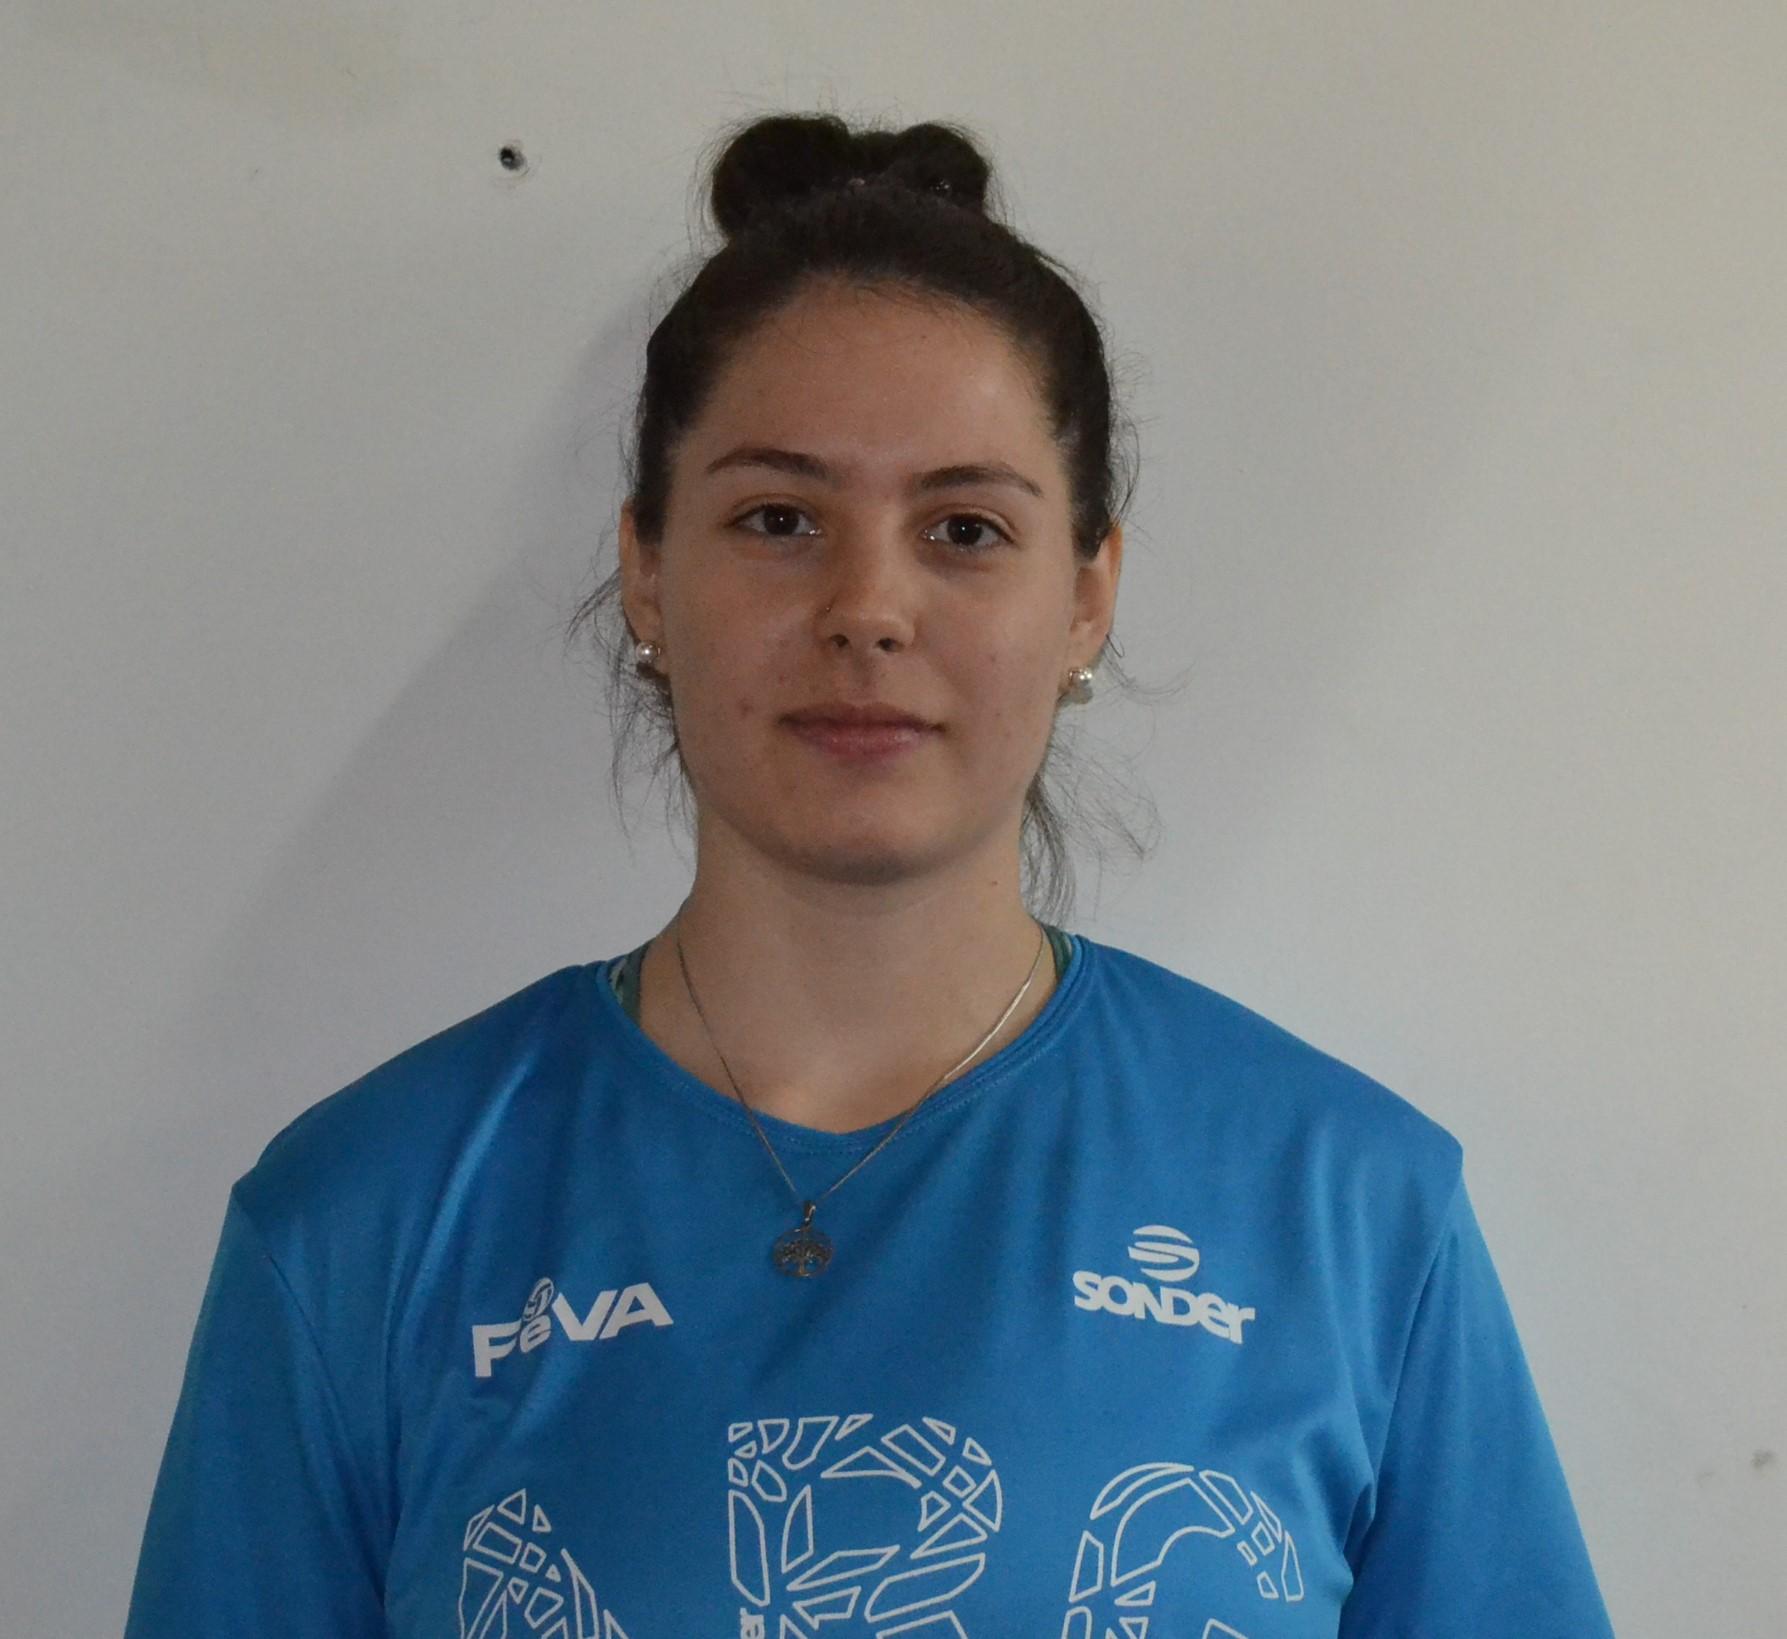 Mariana Moriondo